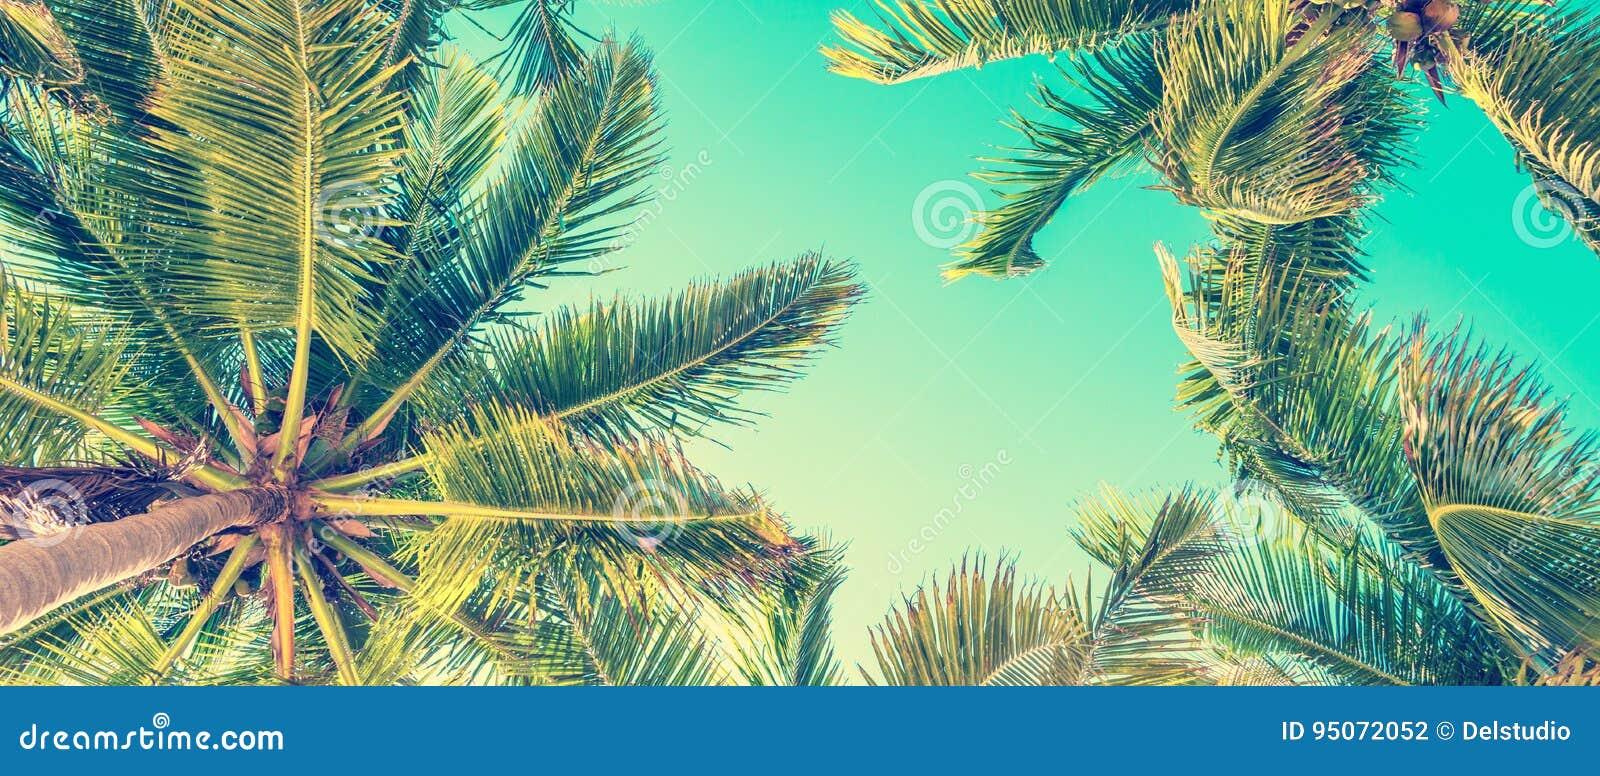 Blå himmel och palmträdsikt underifrån, tappningstil, panorama- bakgrund för sommar